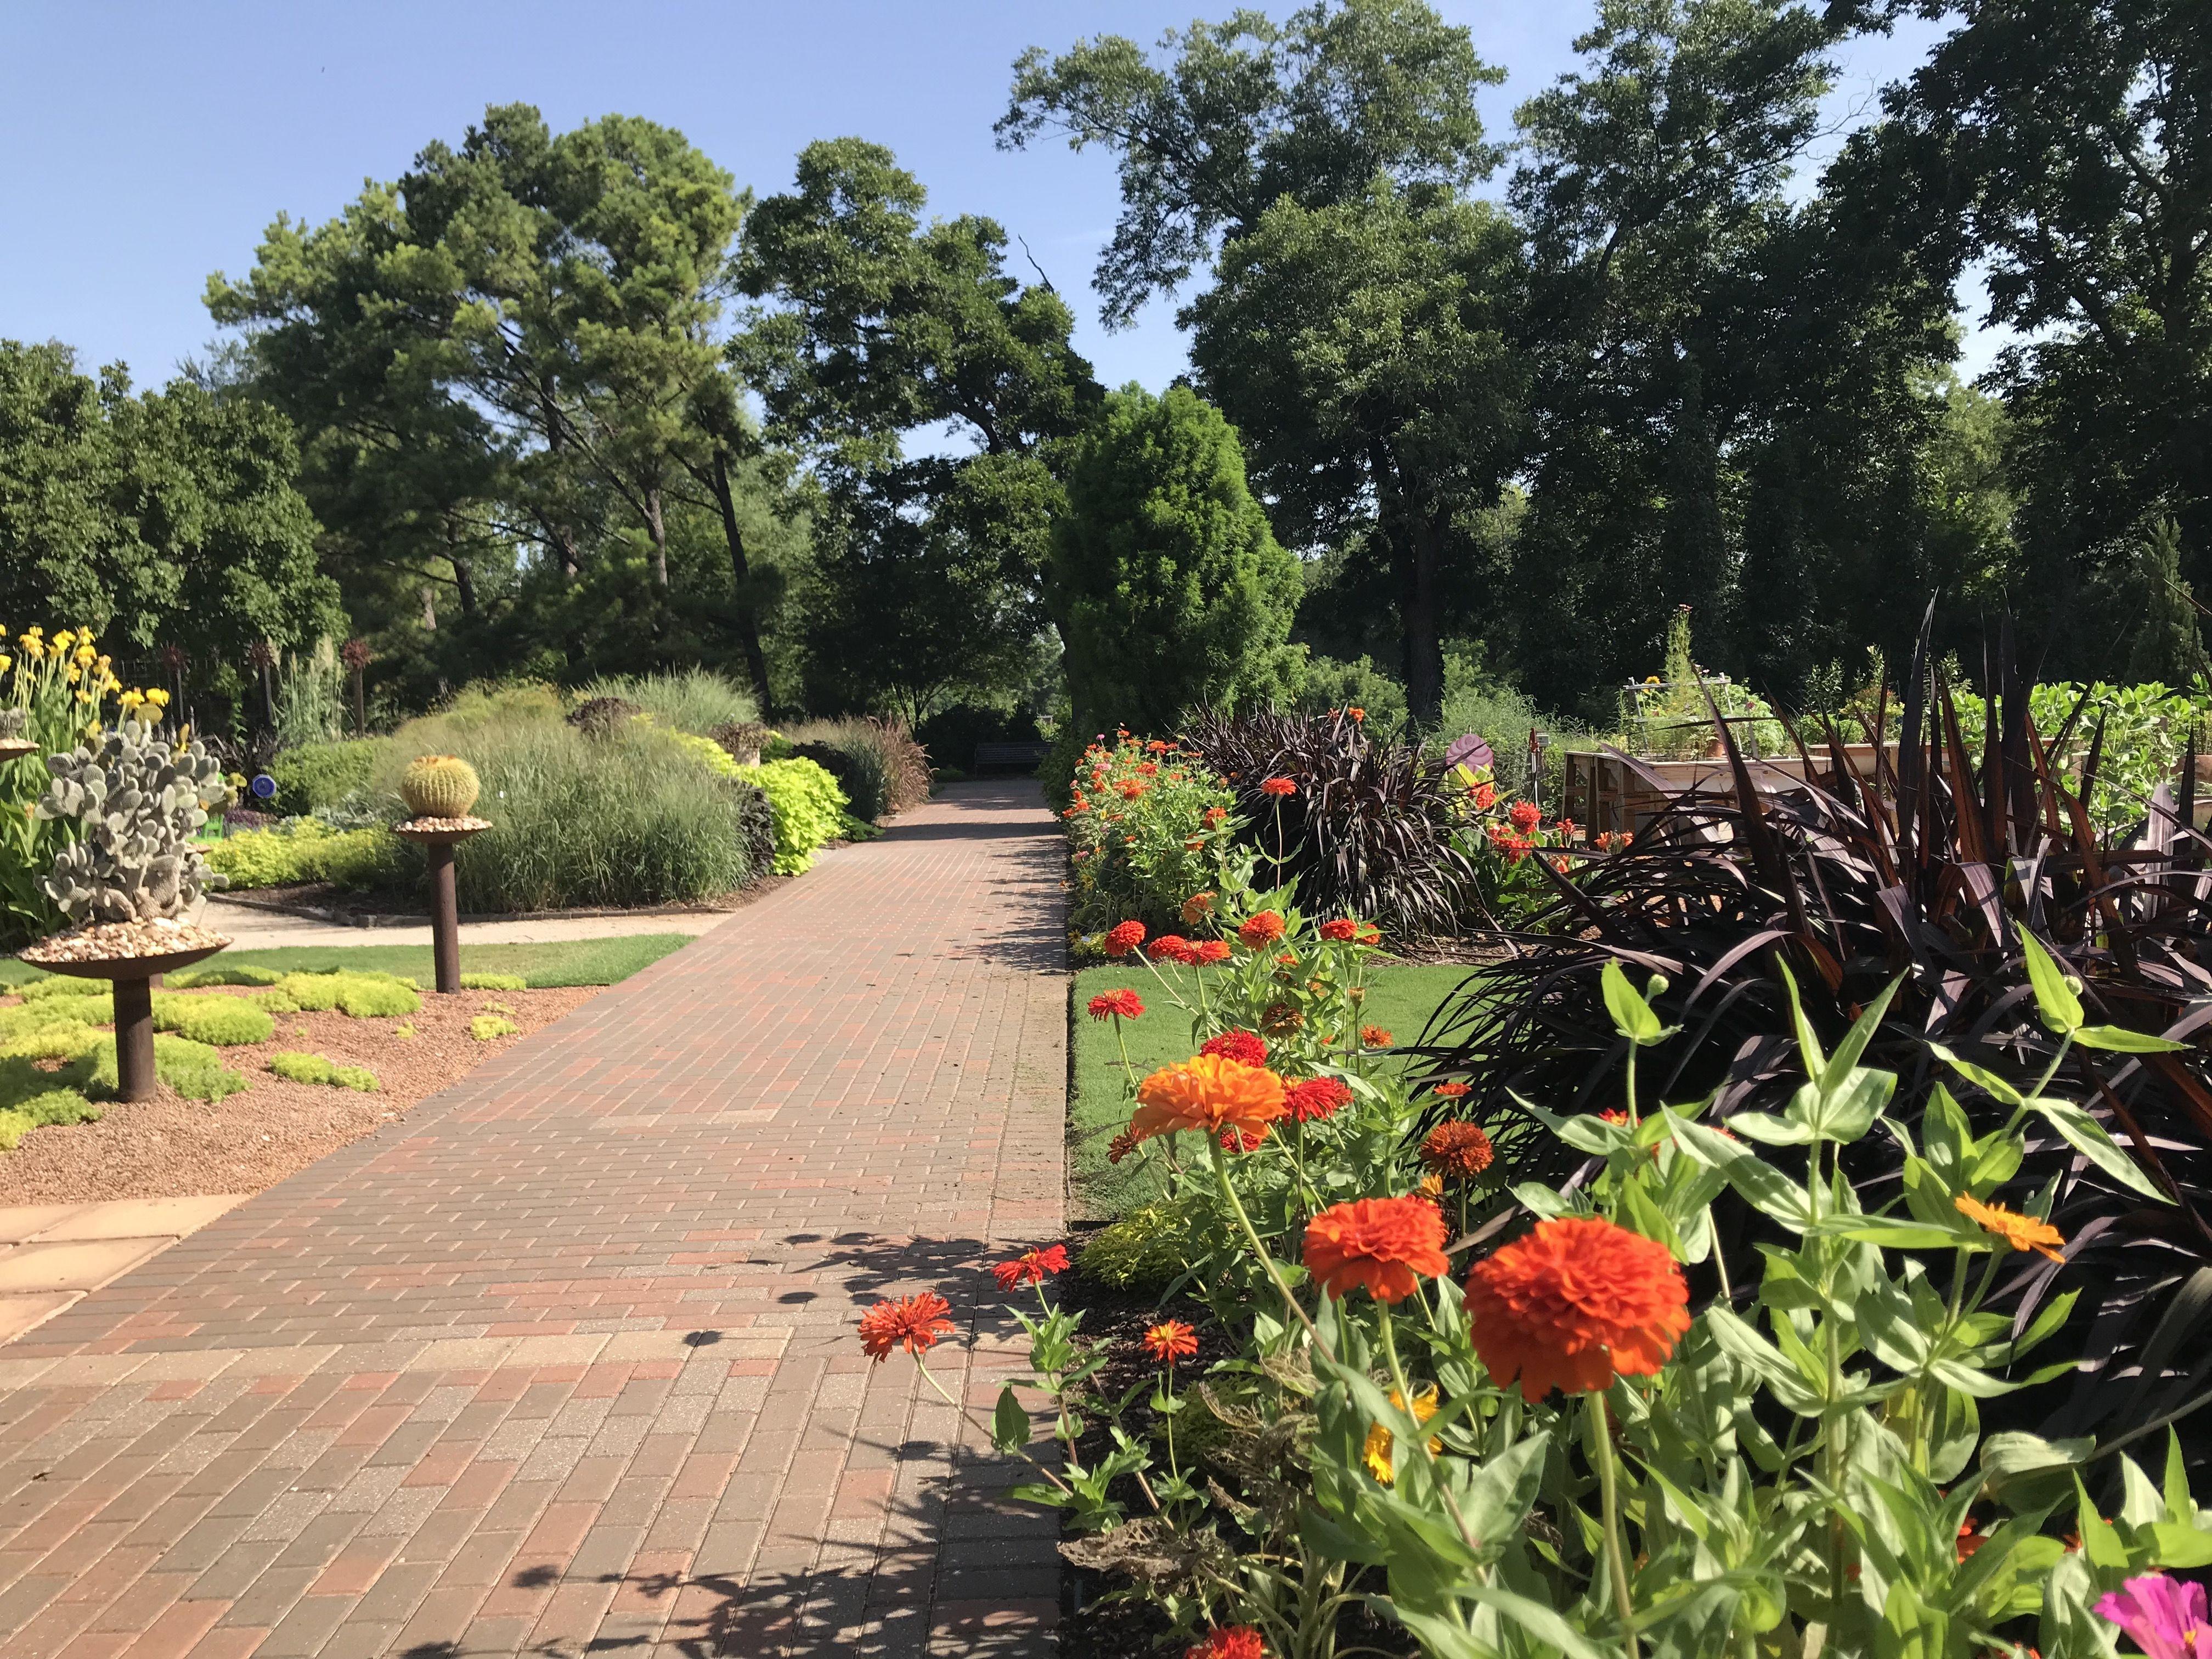 f2c616cb6ddc82cc146510a3d2a7d85f - Botanical Gardens Mother's Day Brunch 2019